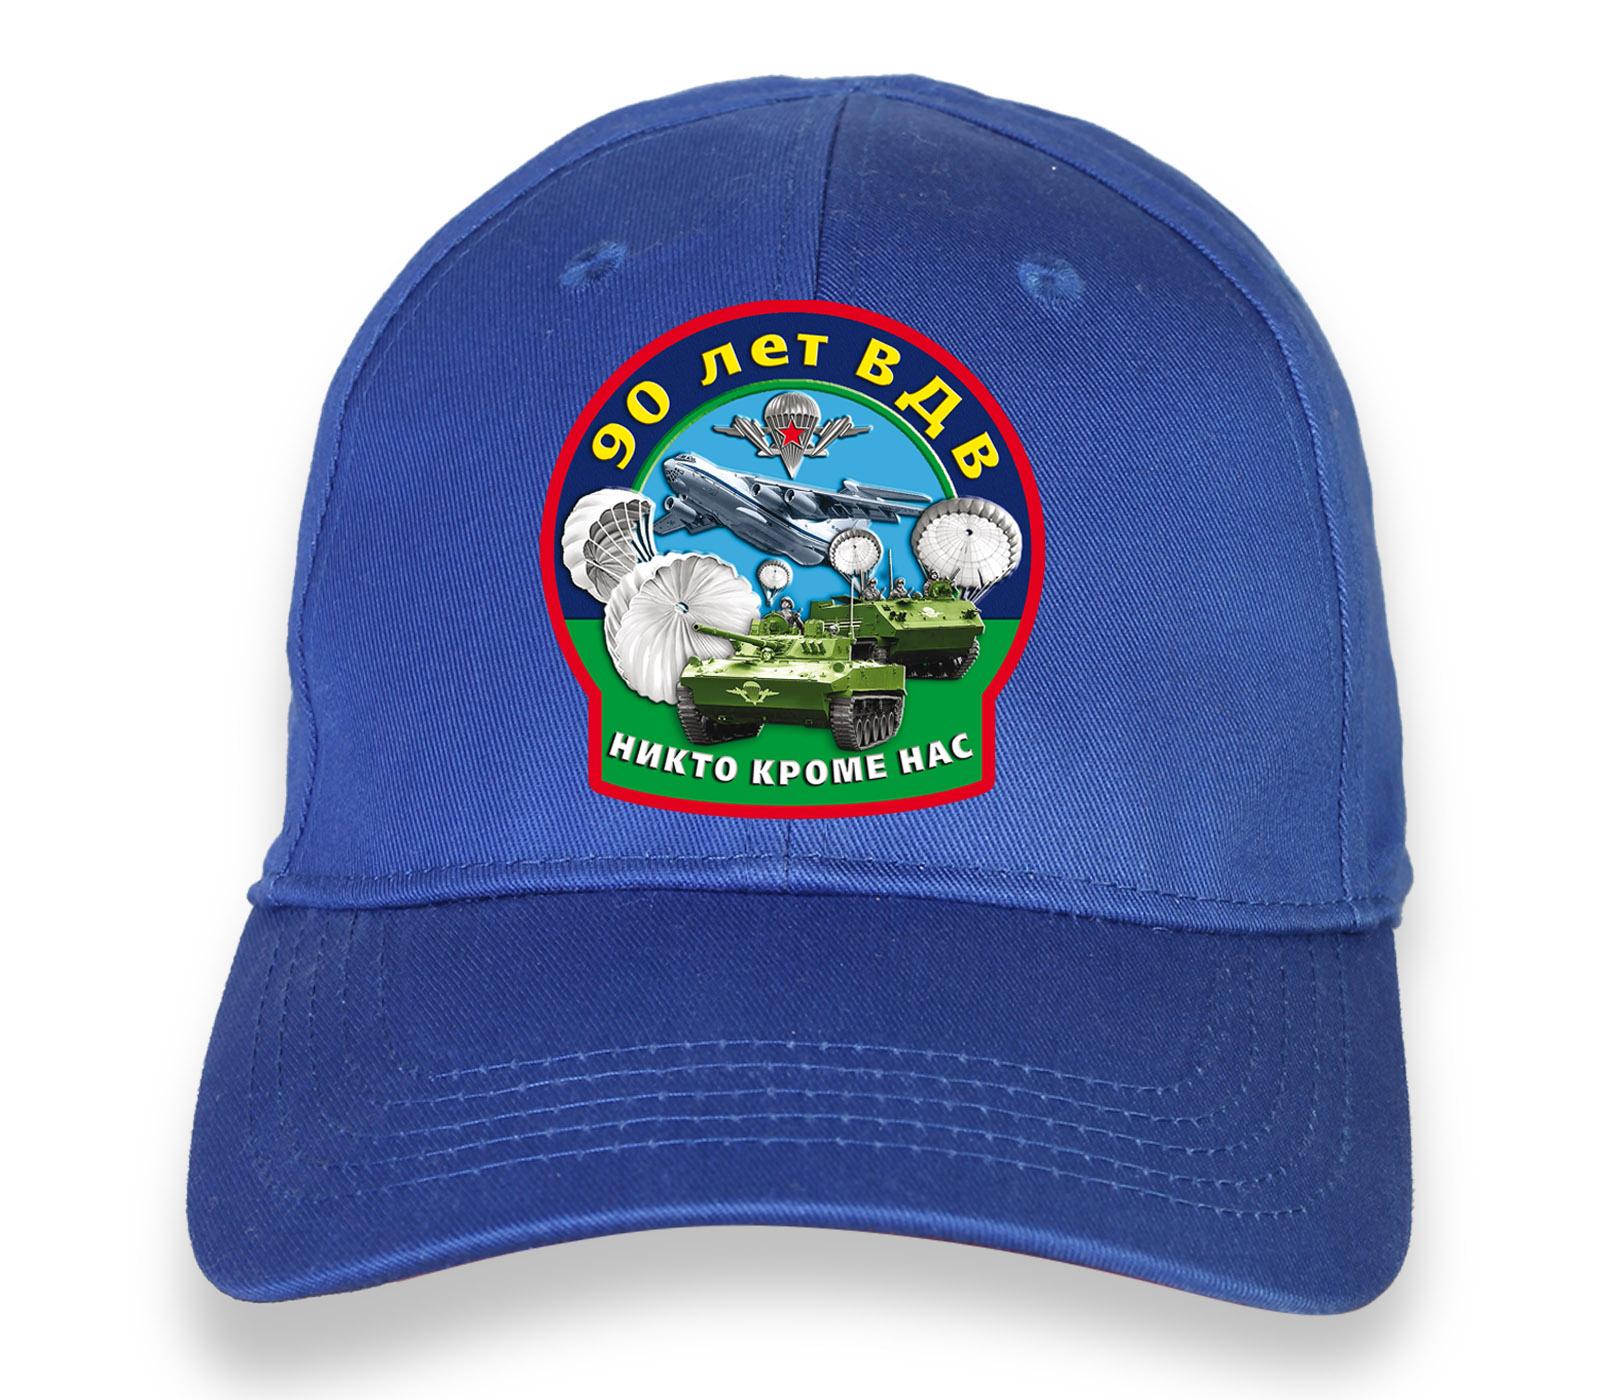 Купить трендовую синюю бейсболку с термотрансфером 90 лет ВДВ в подарок